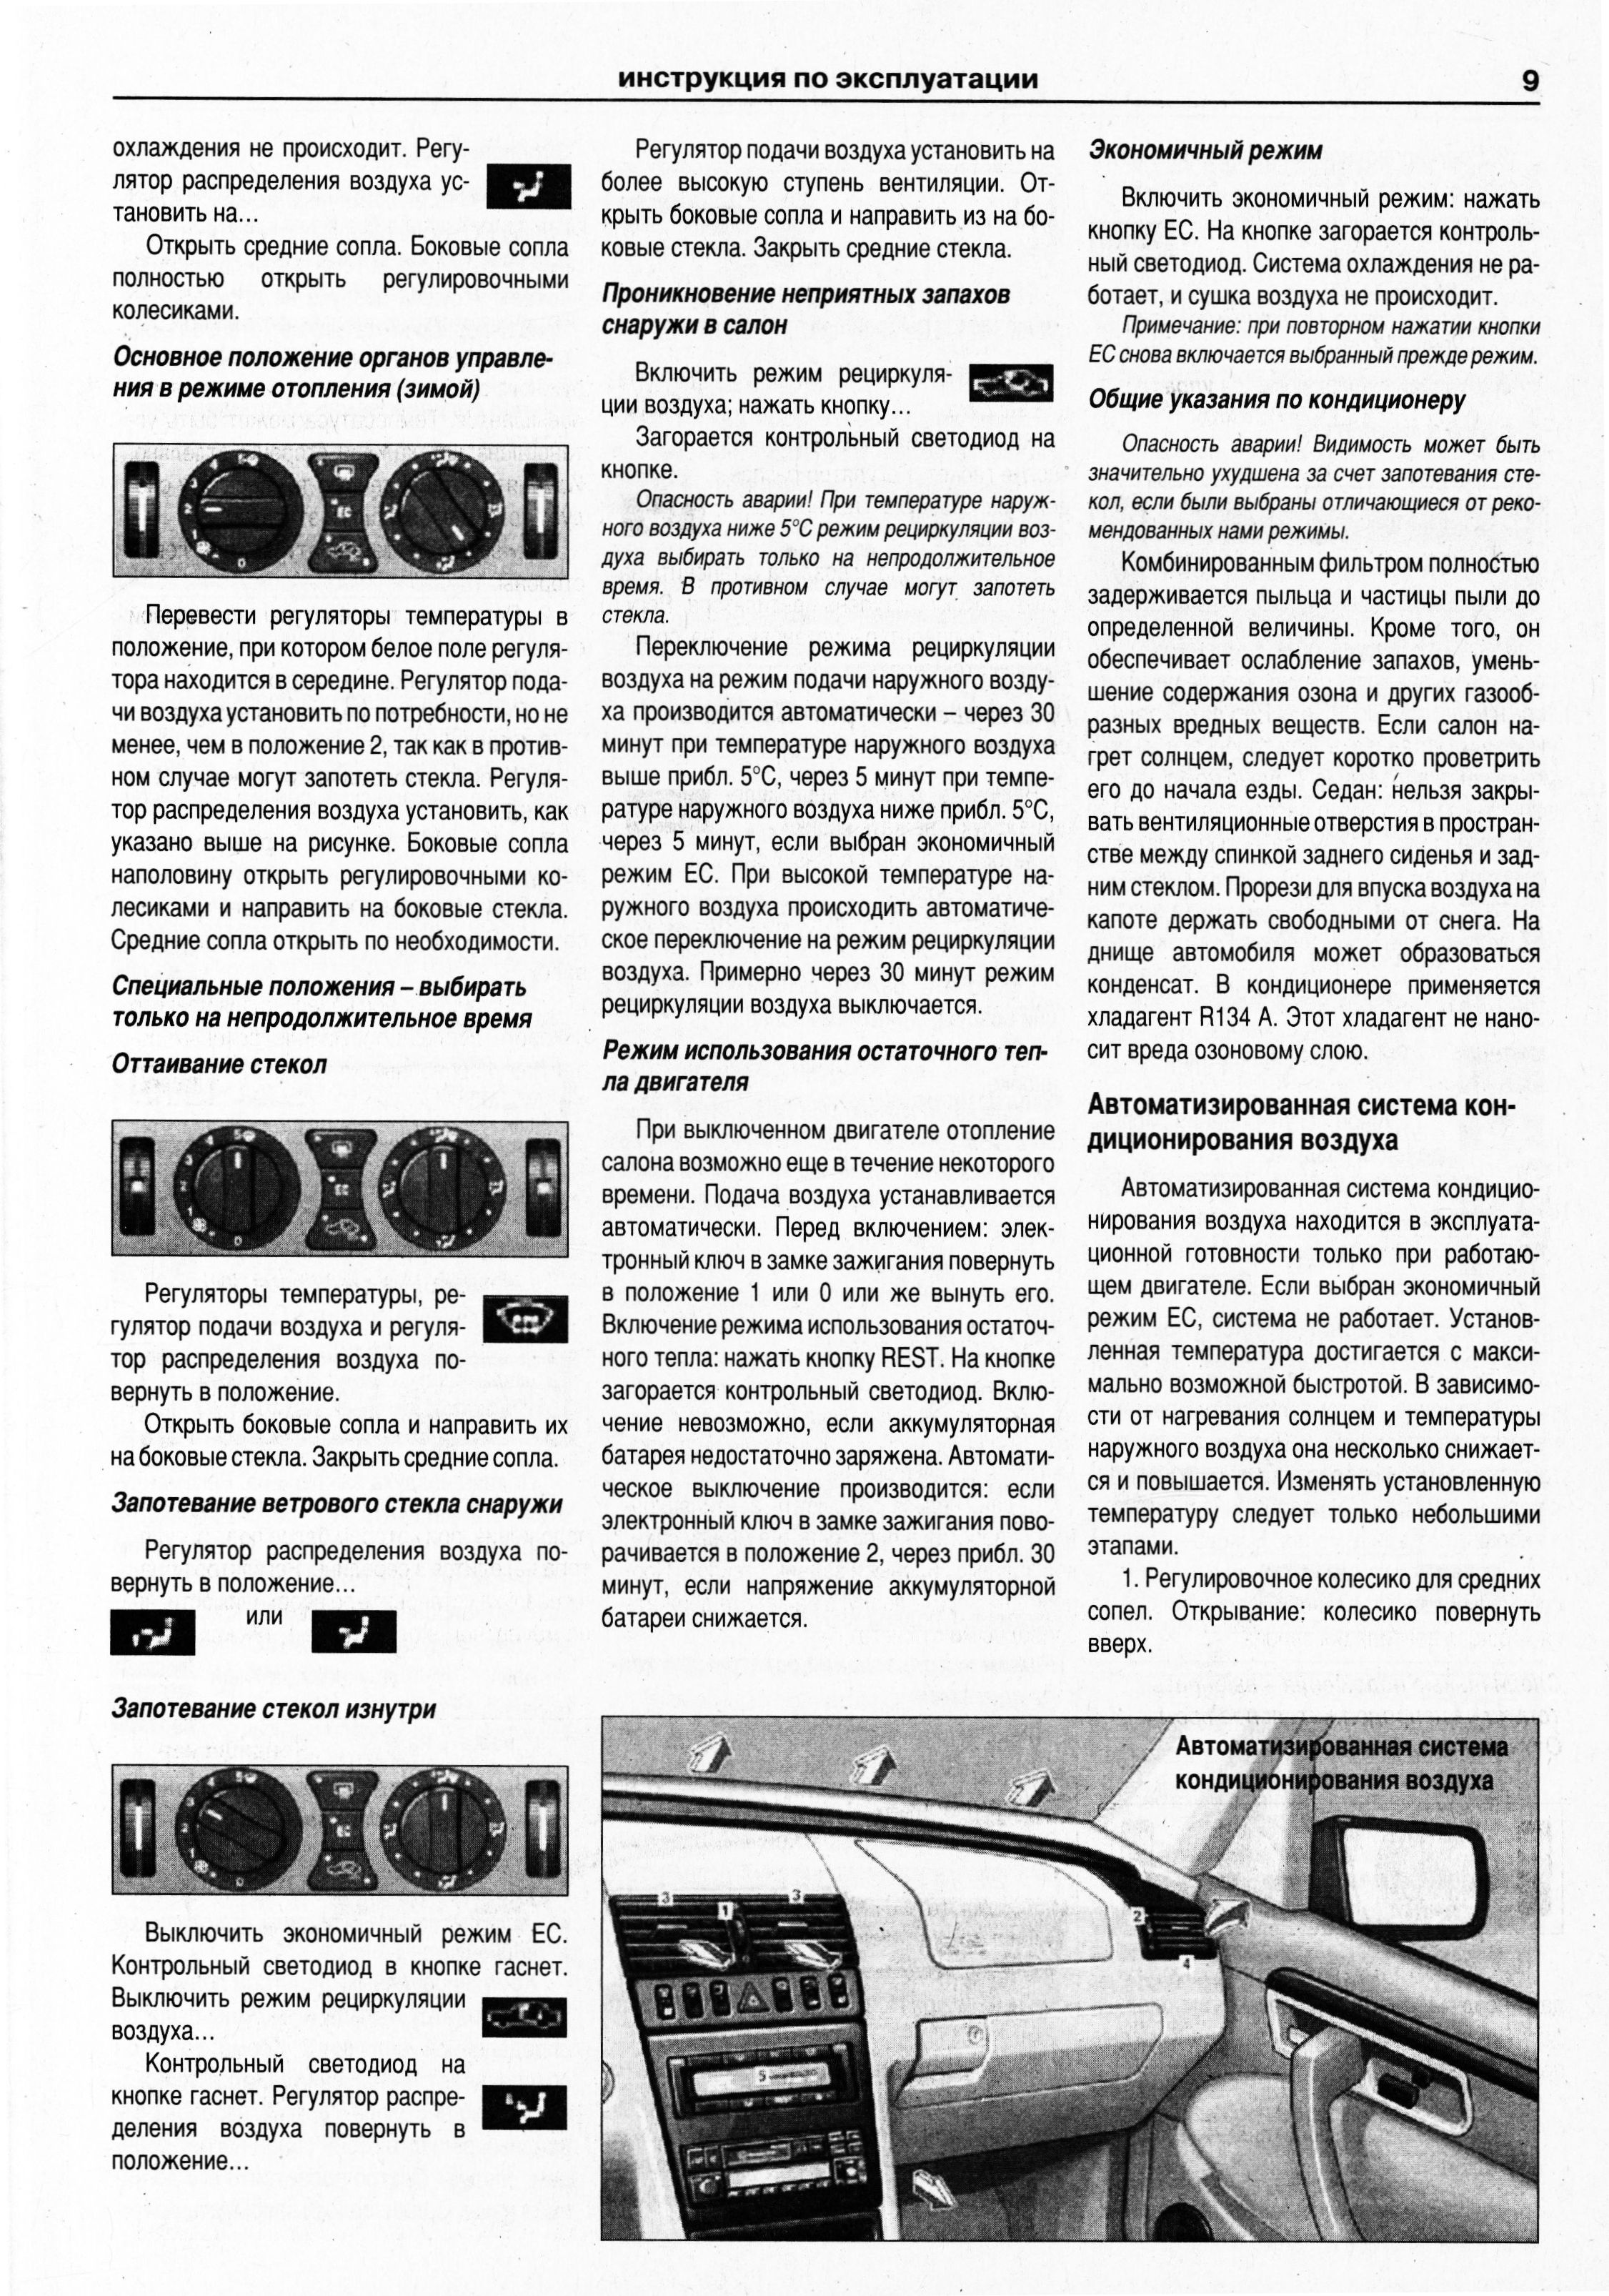 mazda cx-7 инструкция по эксплуатации на русском скачать